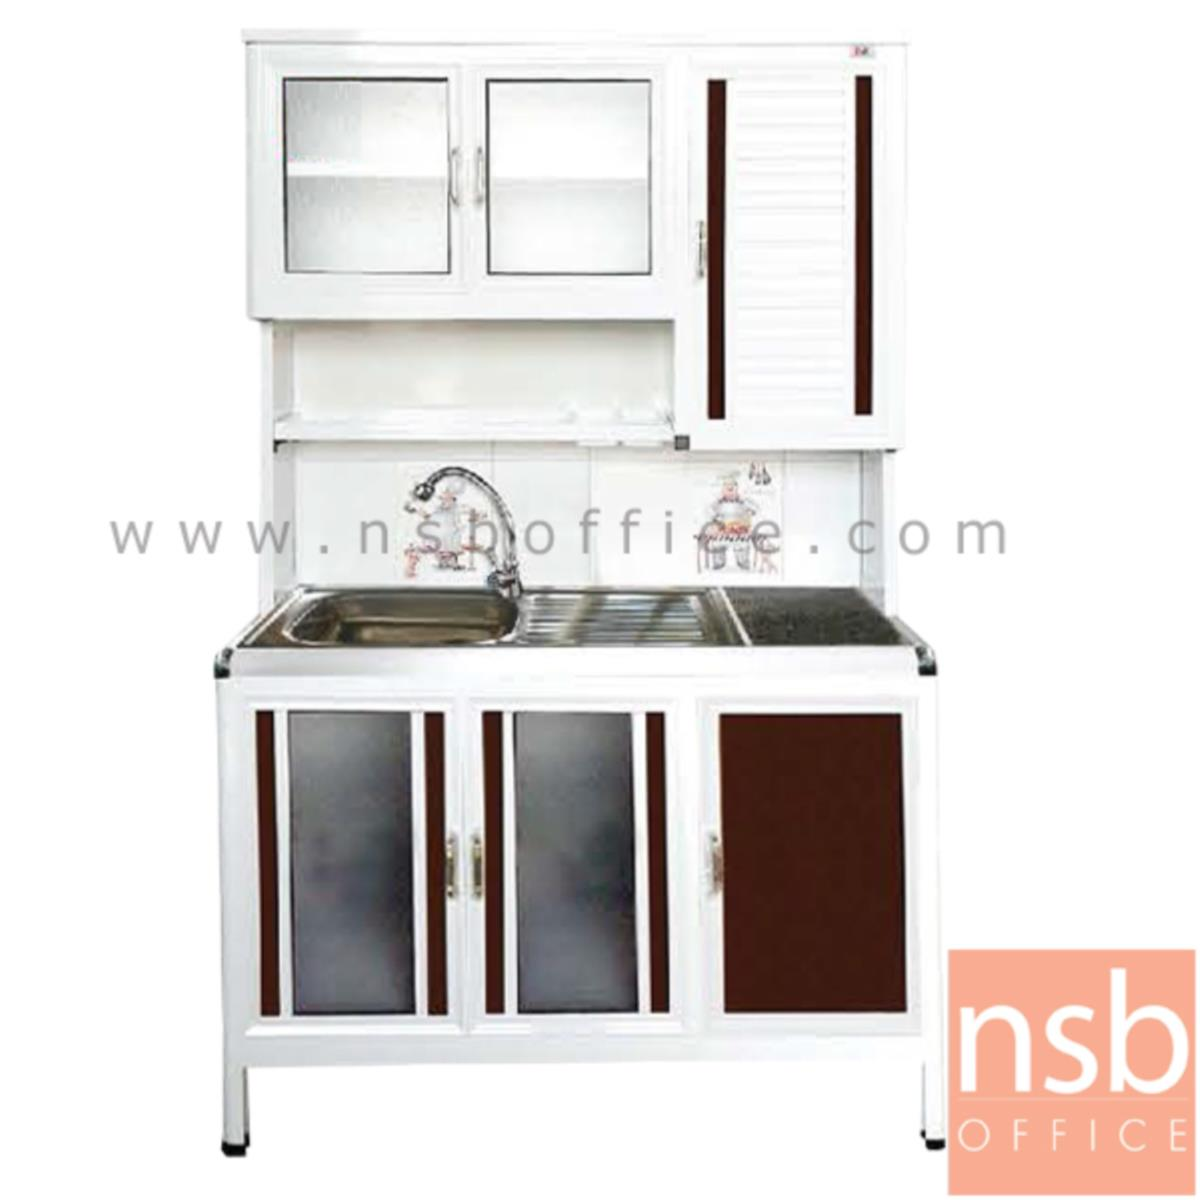 ตู้ครัวอลูมิเนียมอ่างซิงค์ 1 หลุม มีที่พักจาน กว้าง 120 ซม GAPE 120S